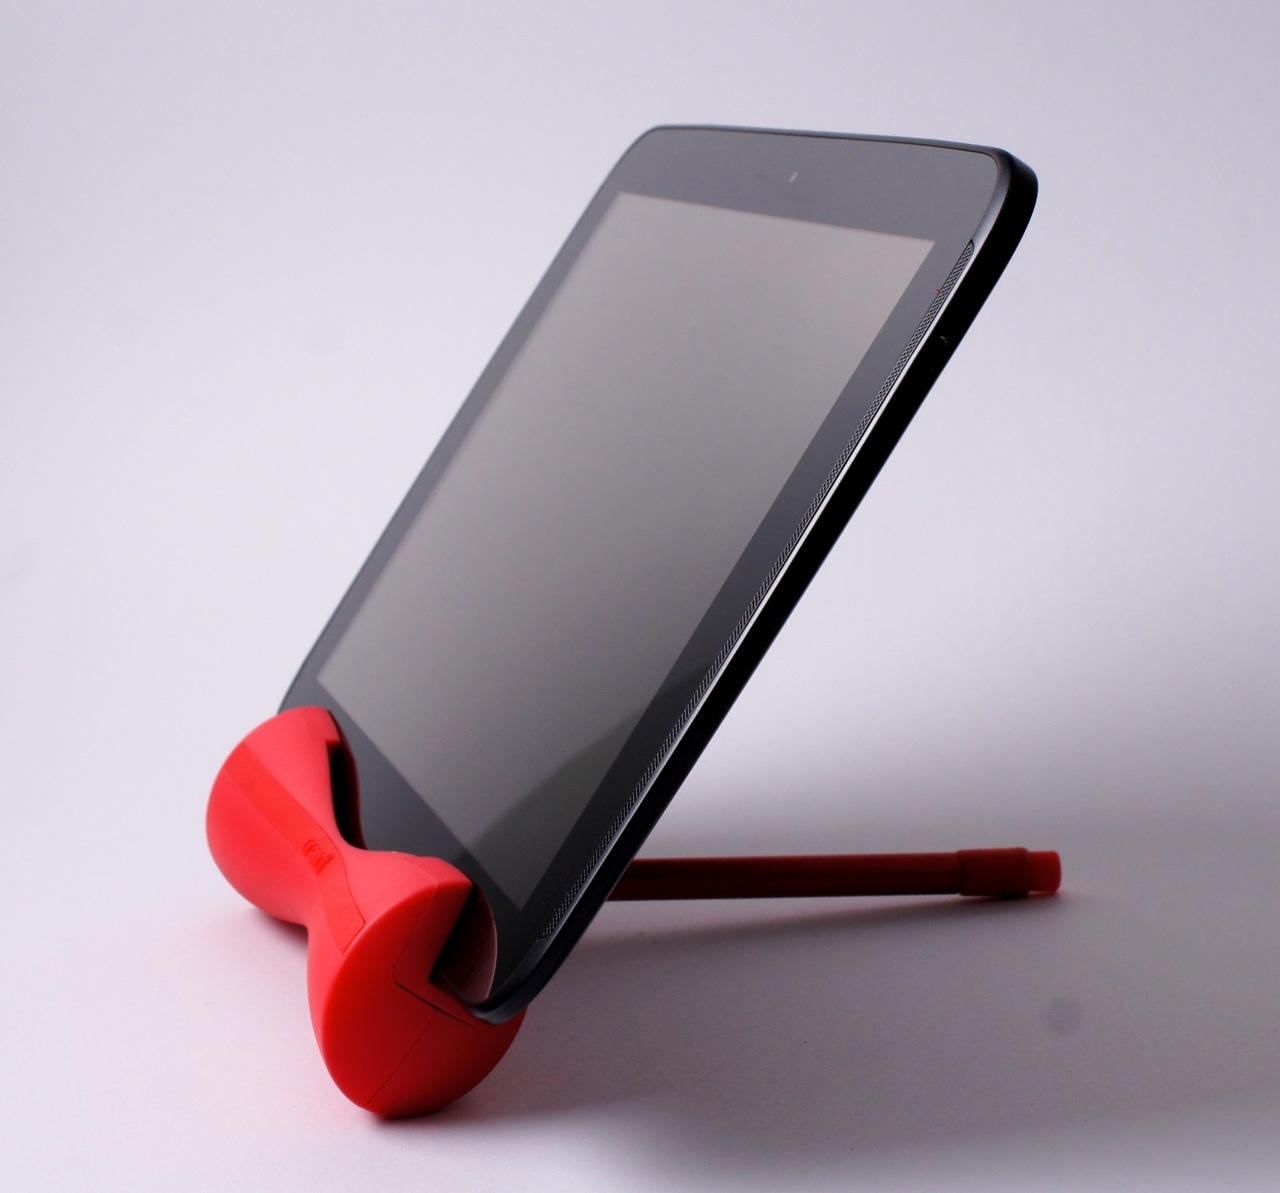 DSC03156 Universal Tablet Holder